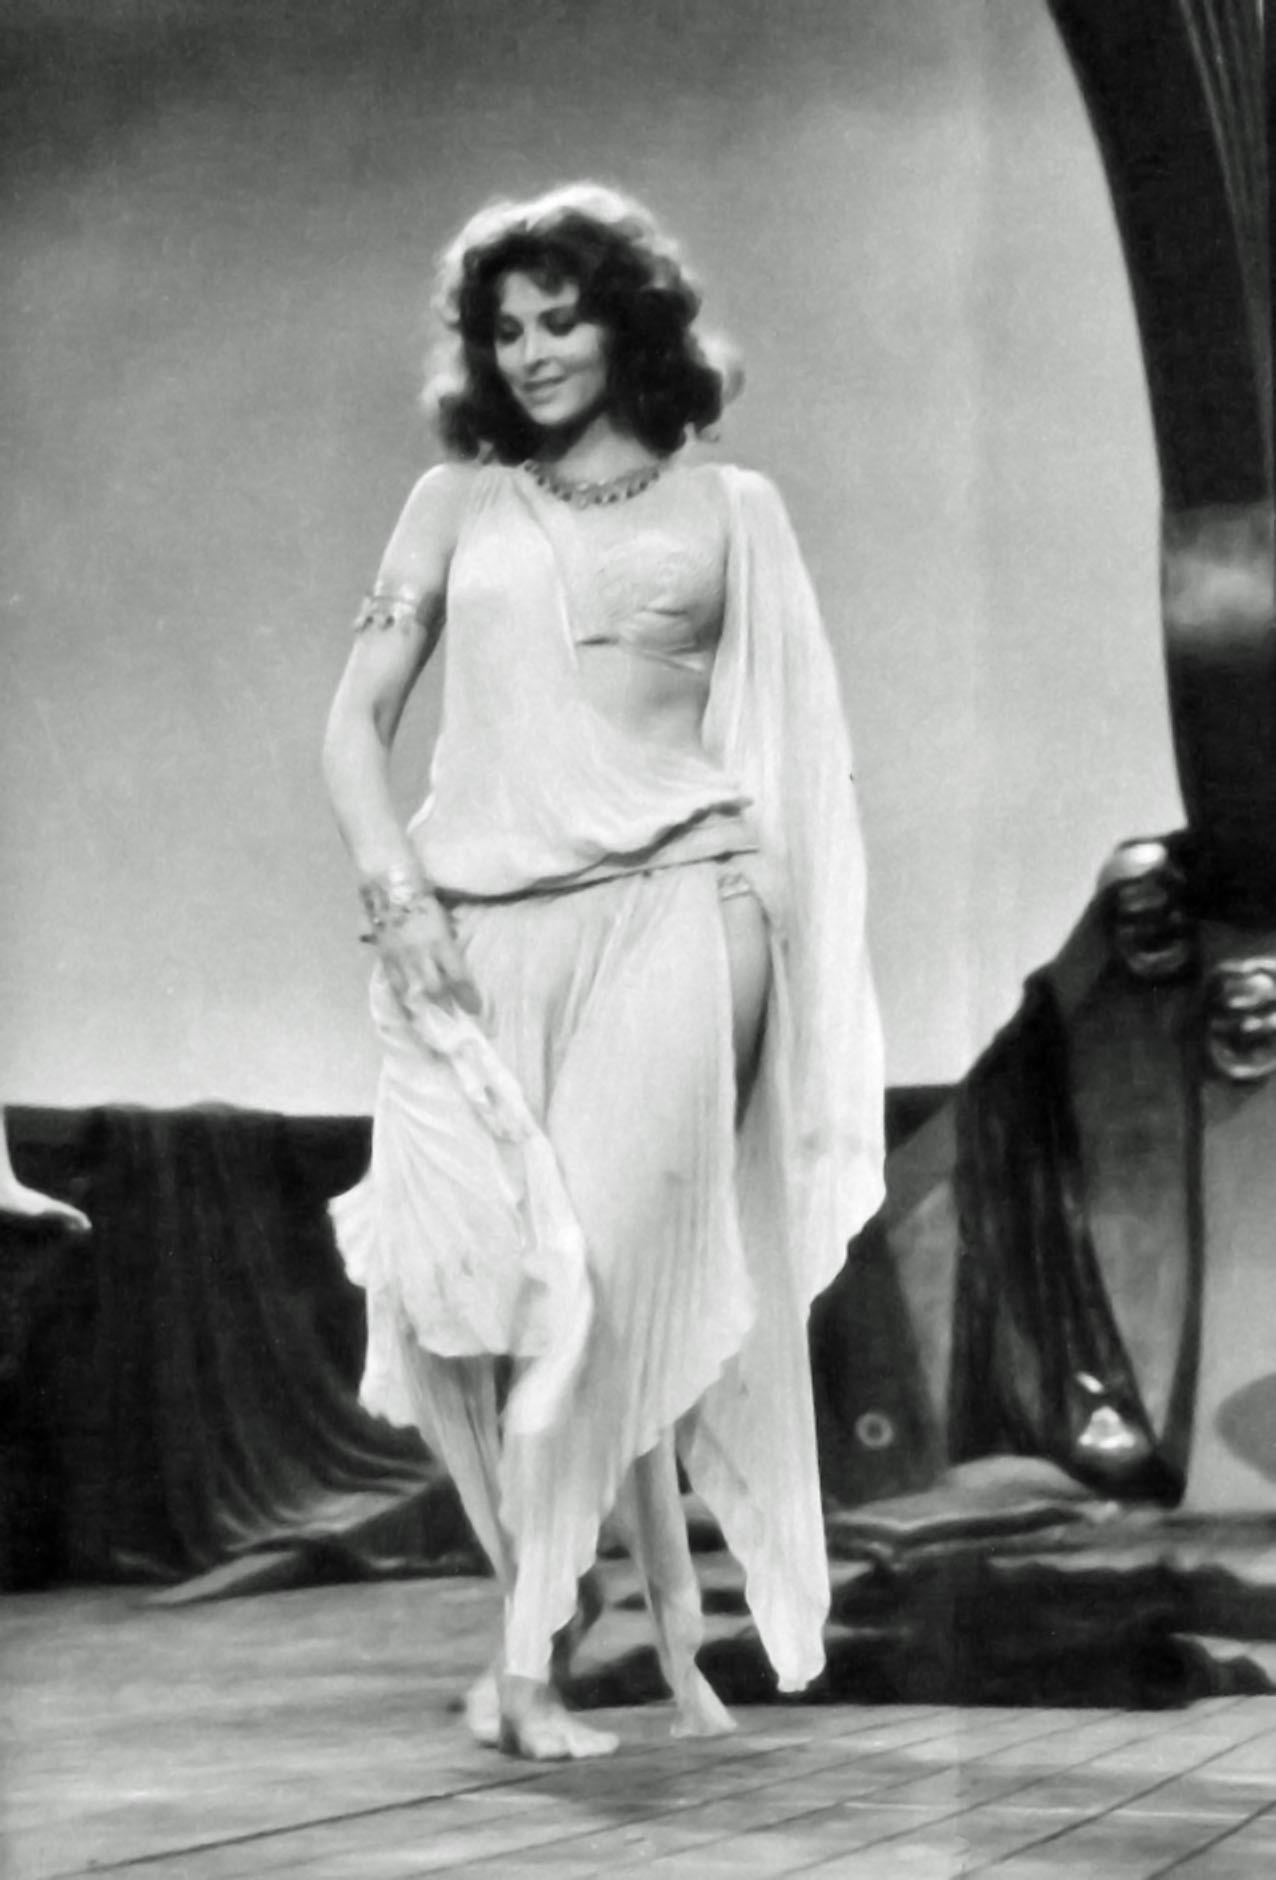 Tina louise, Actress photos, Actresses